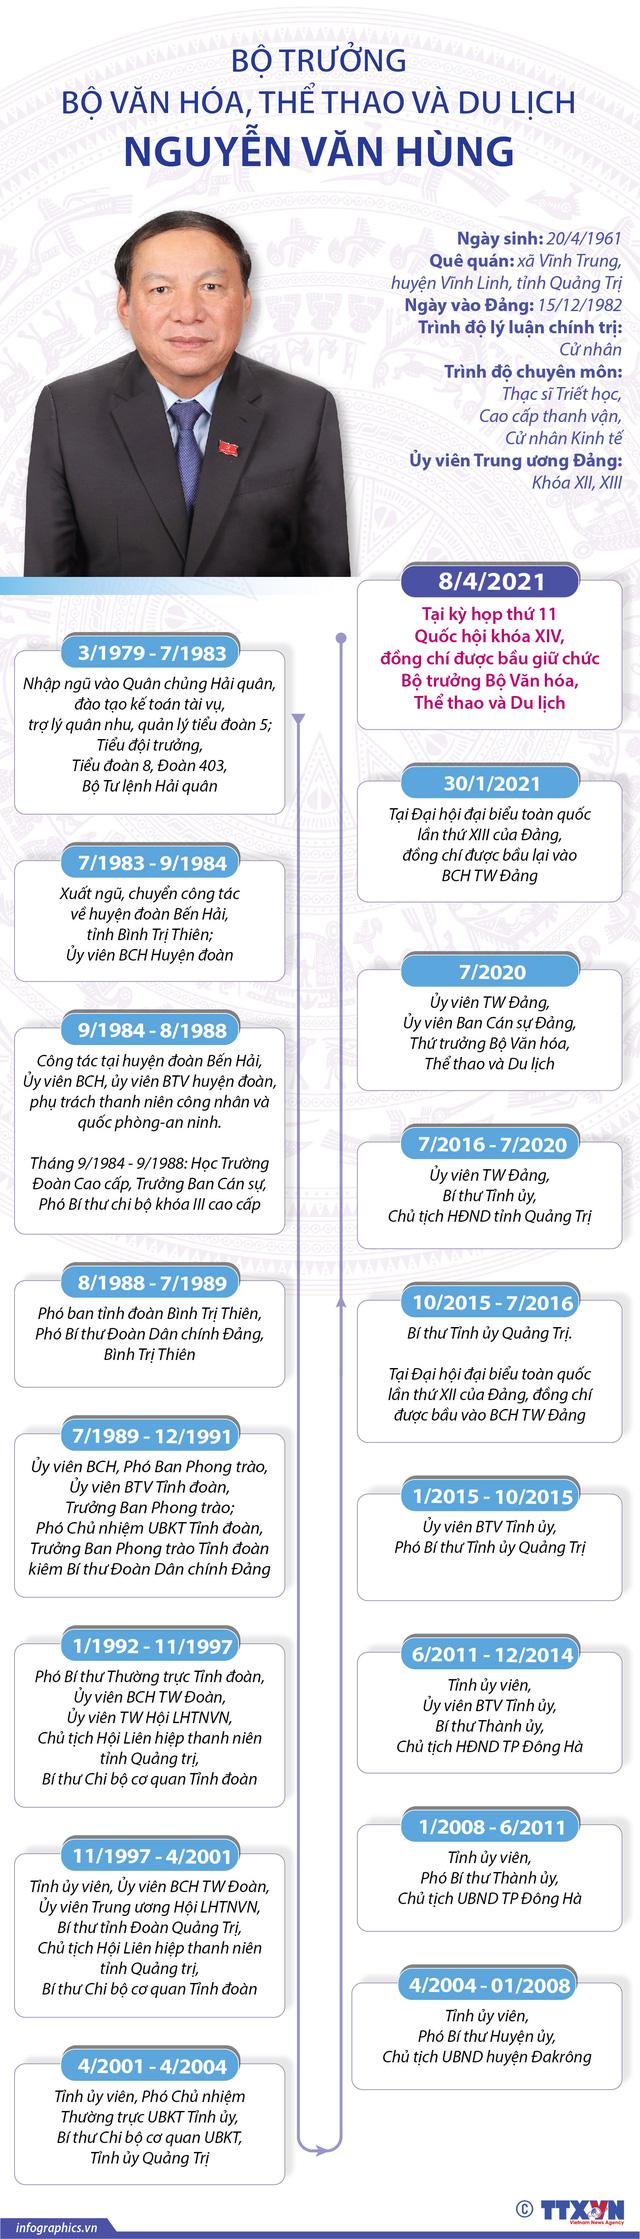 Tóm tắt tiểu sử Bộ trưởng Bộ Văn hóa, Thể thao và Du lịch Nguyễn Văn Hùng - Ảnh 2.